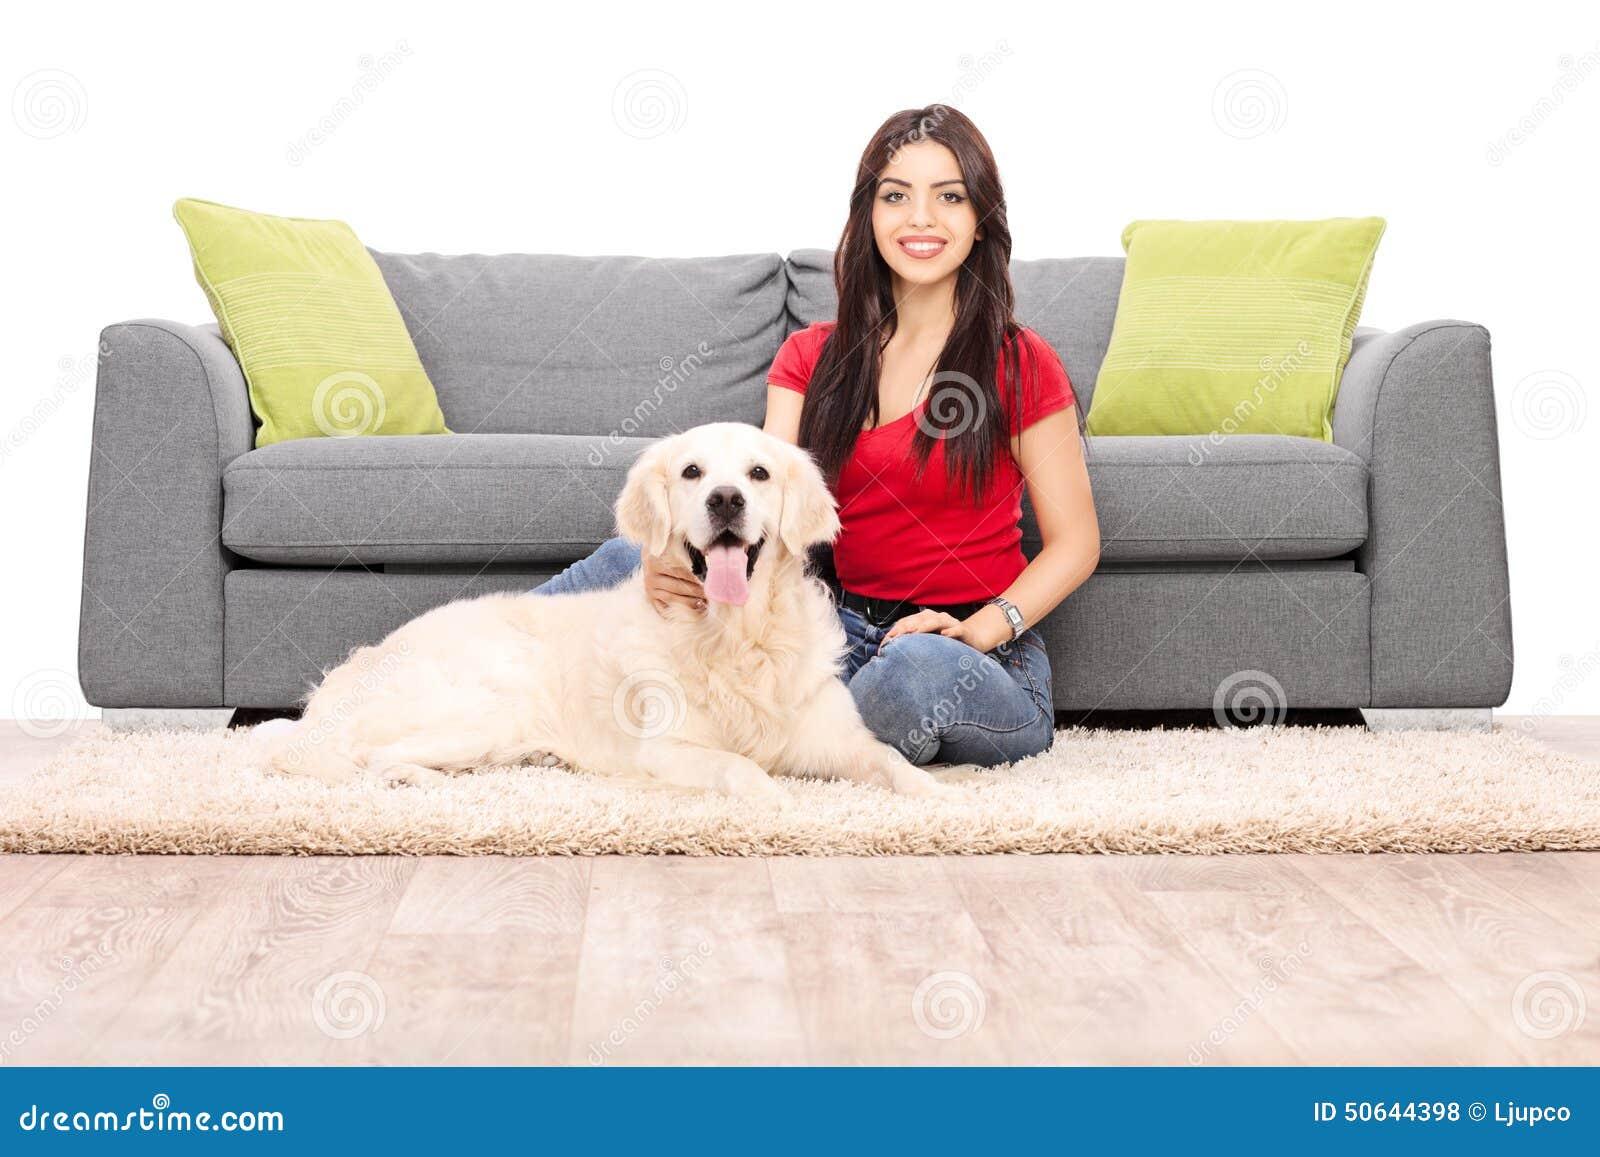 jeune femme s 39 asseyant par un sofa avec son chien photo stock image 50644398. Black Bedroom Furniture Sets. Home Design Ideas